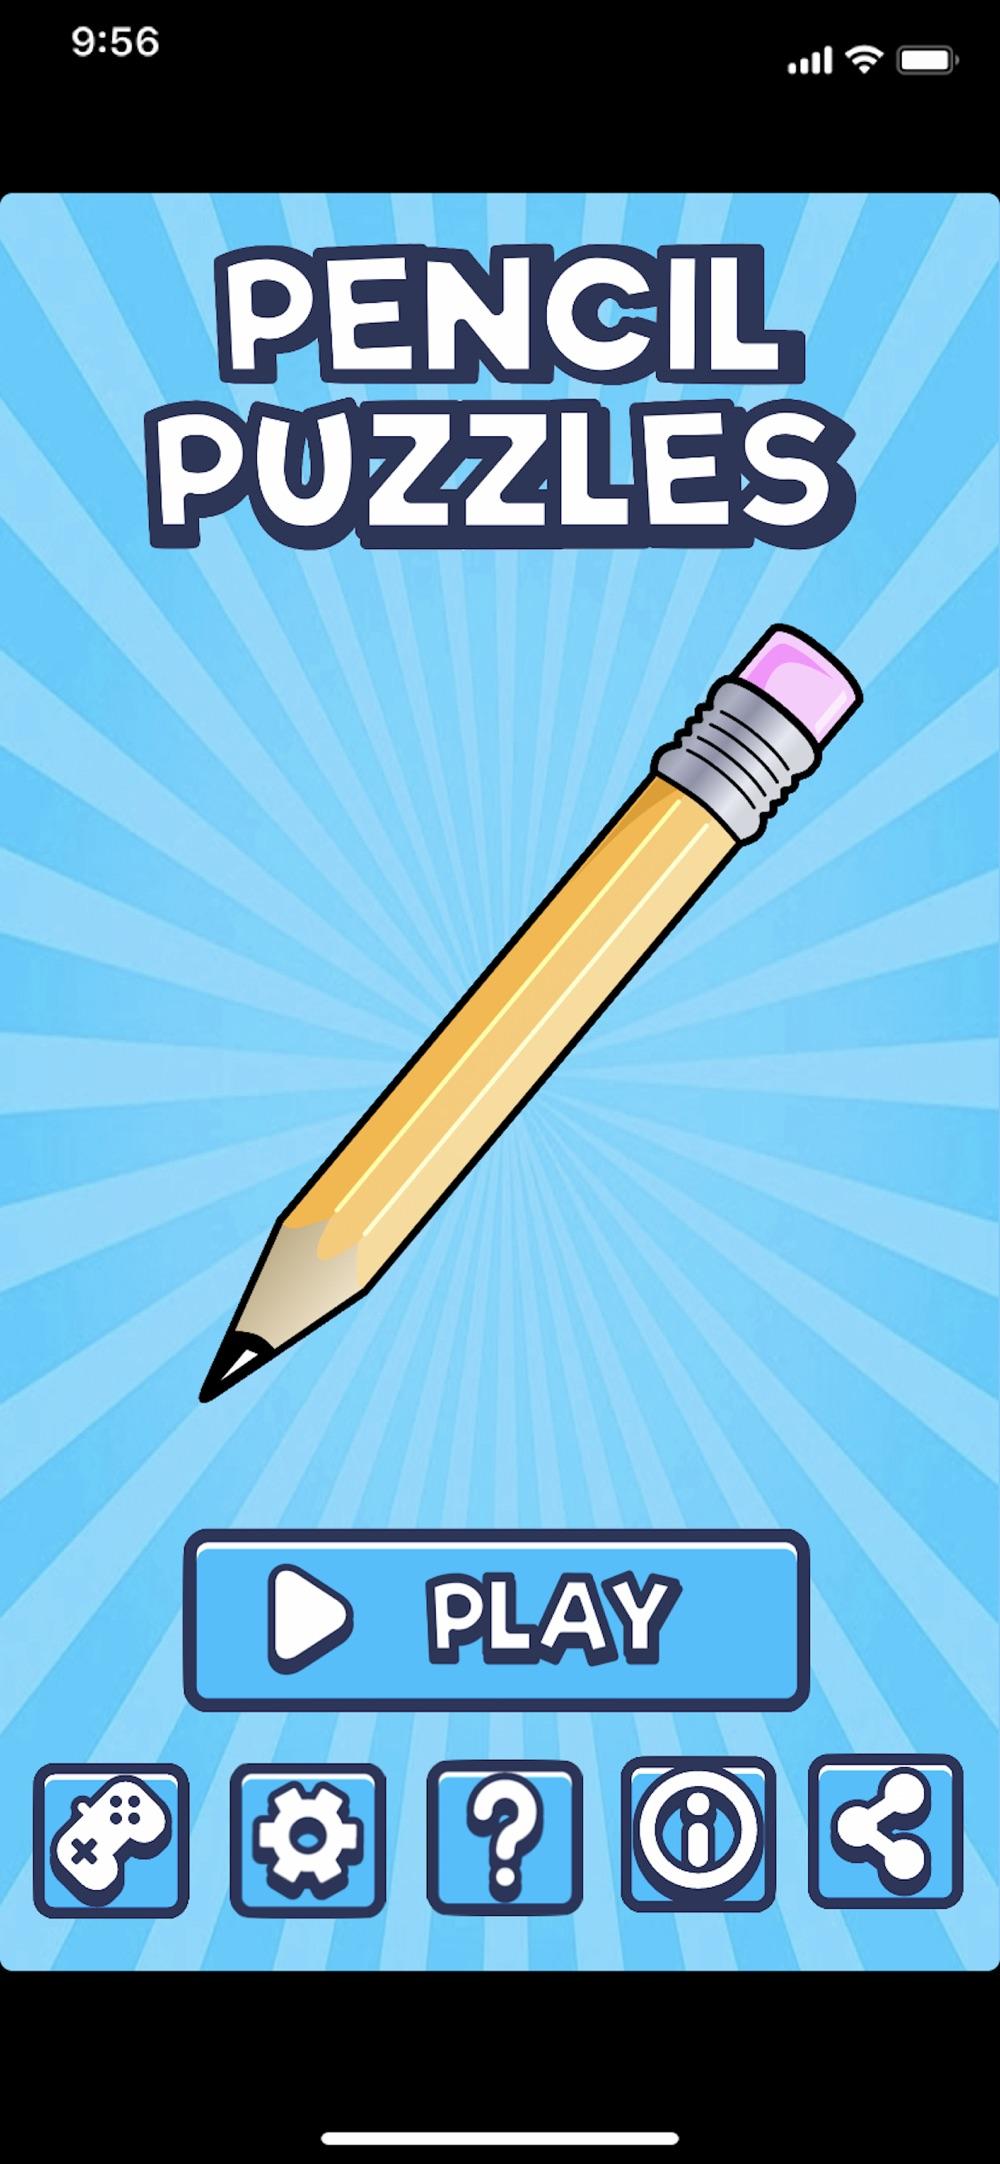 Pencil Puzzles hack tool